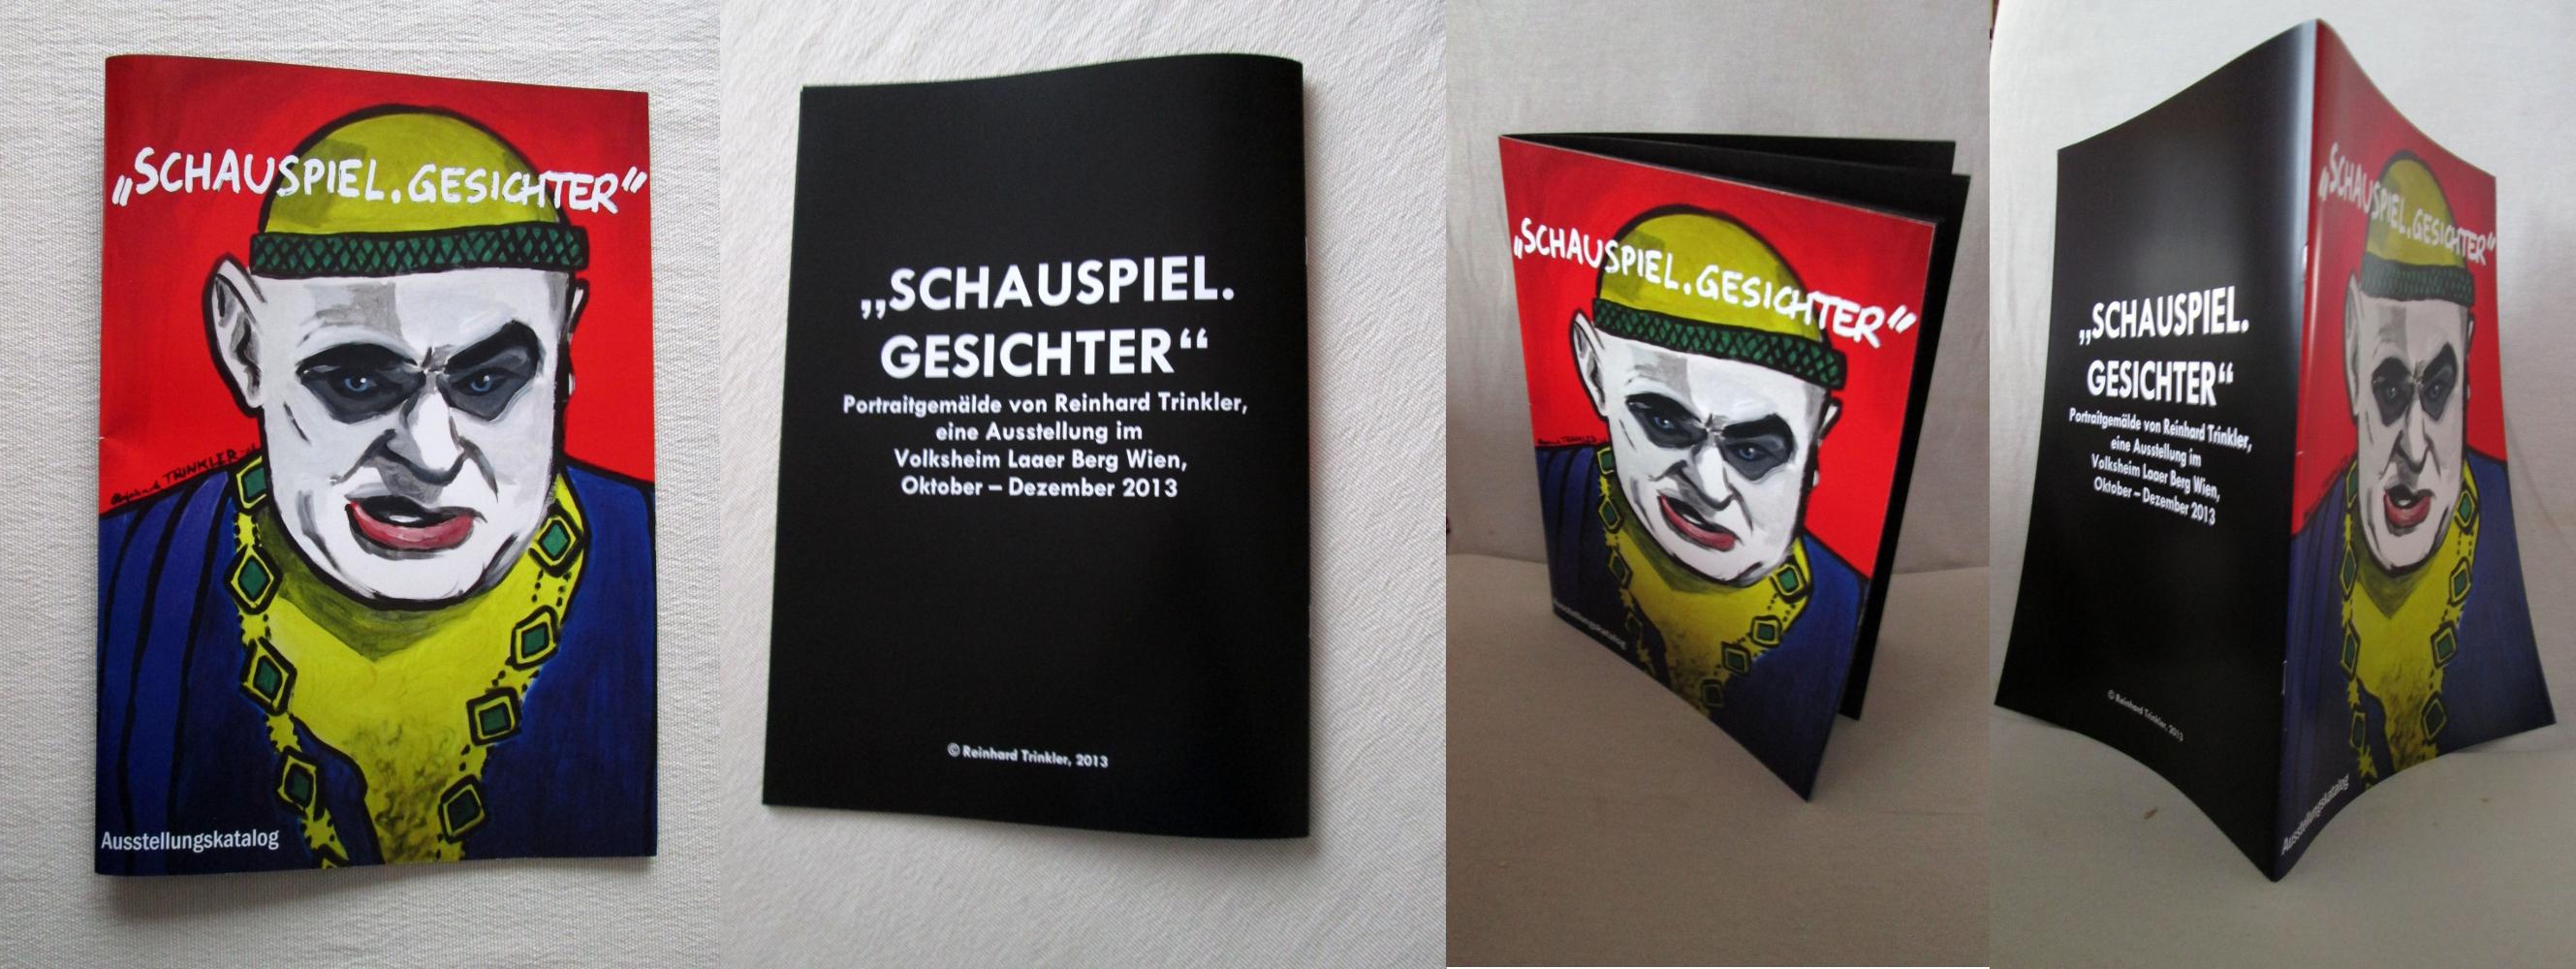 Ausstellungskatalog SCHAUSPIEL.GESICHTER